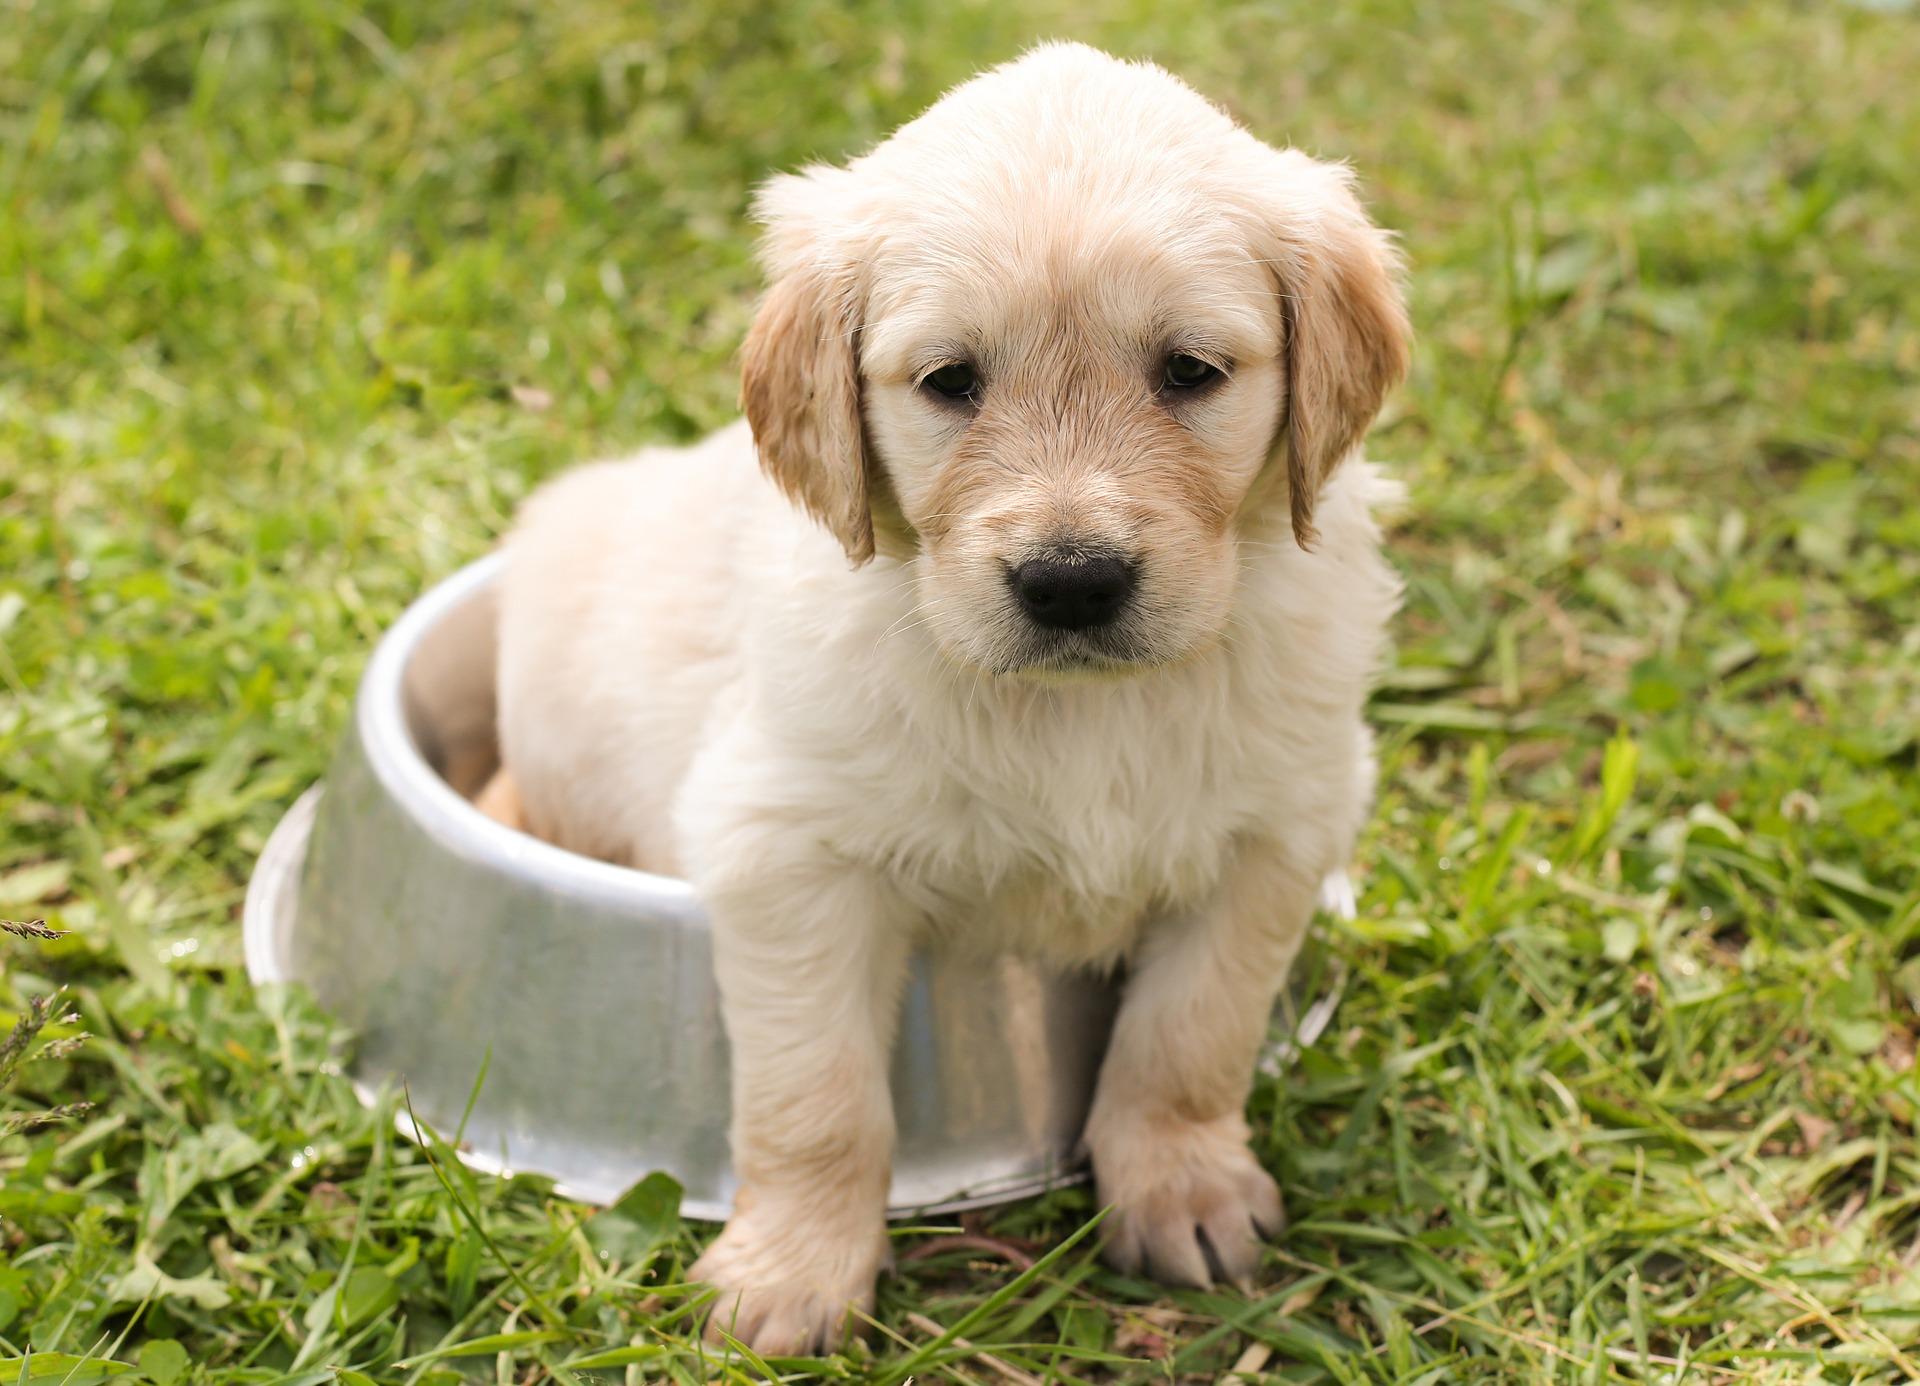 perrito - Cosas a considerar antes de obtener una mascota